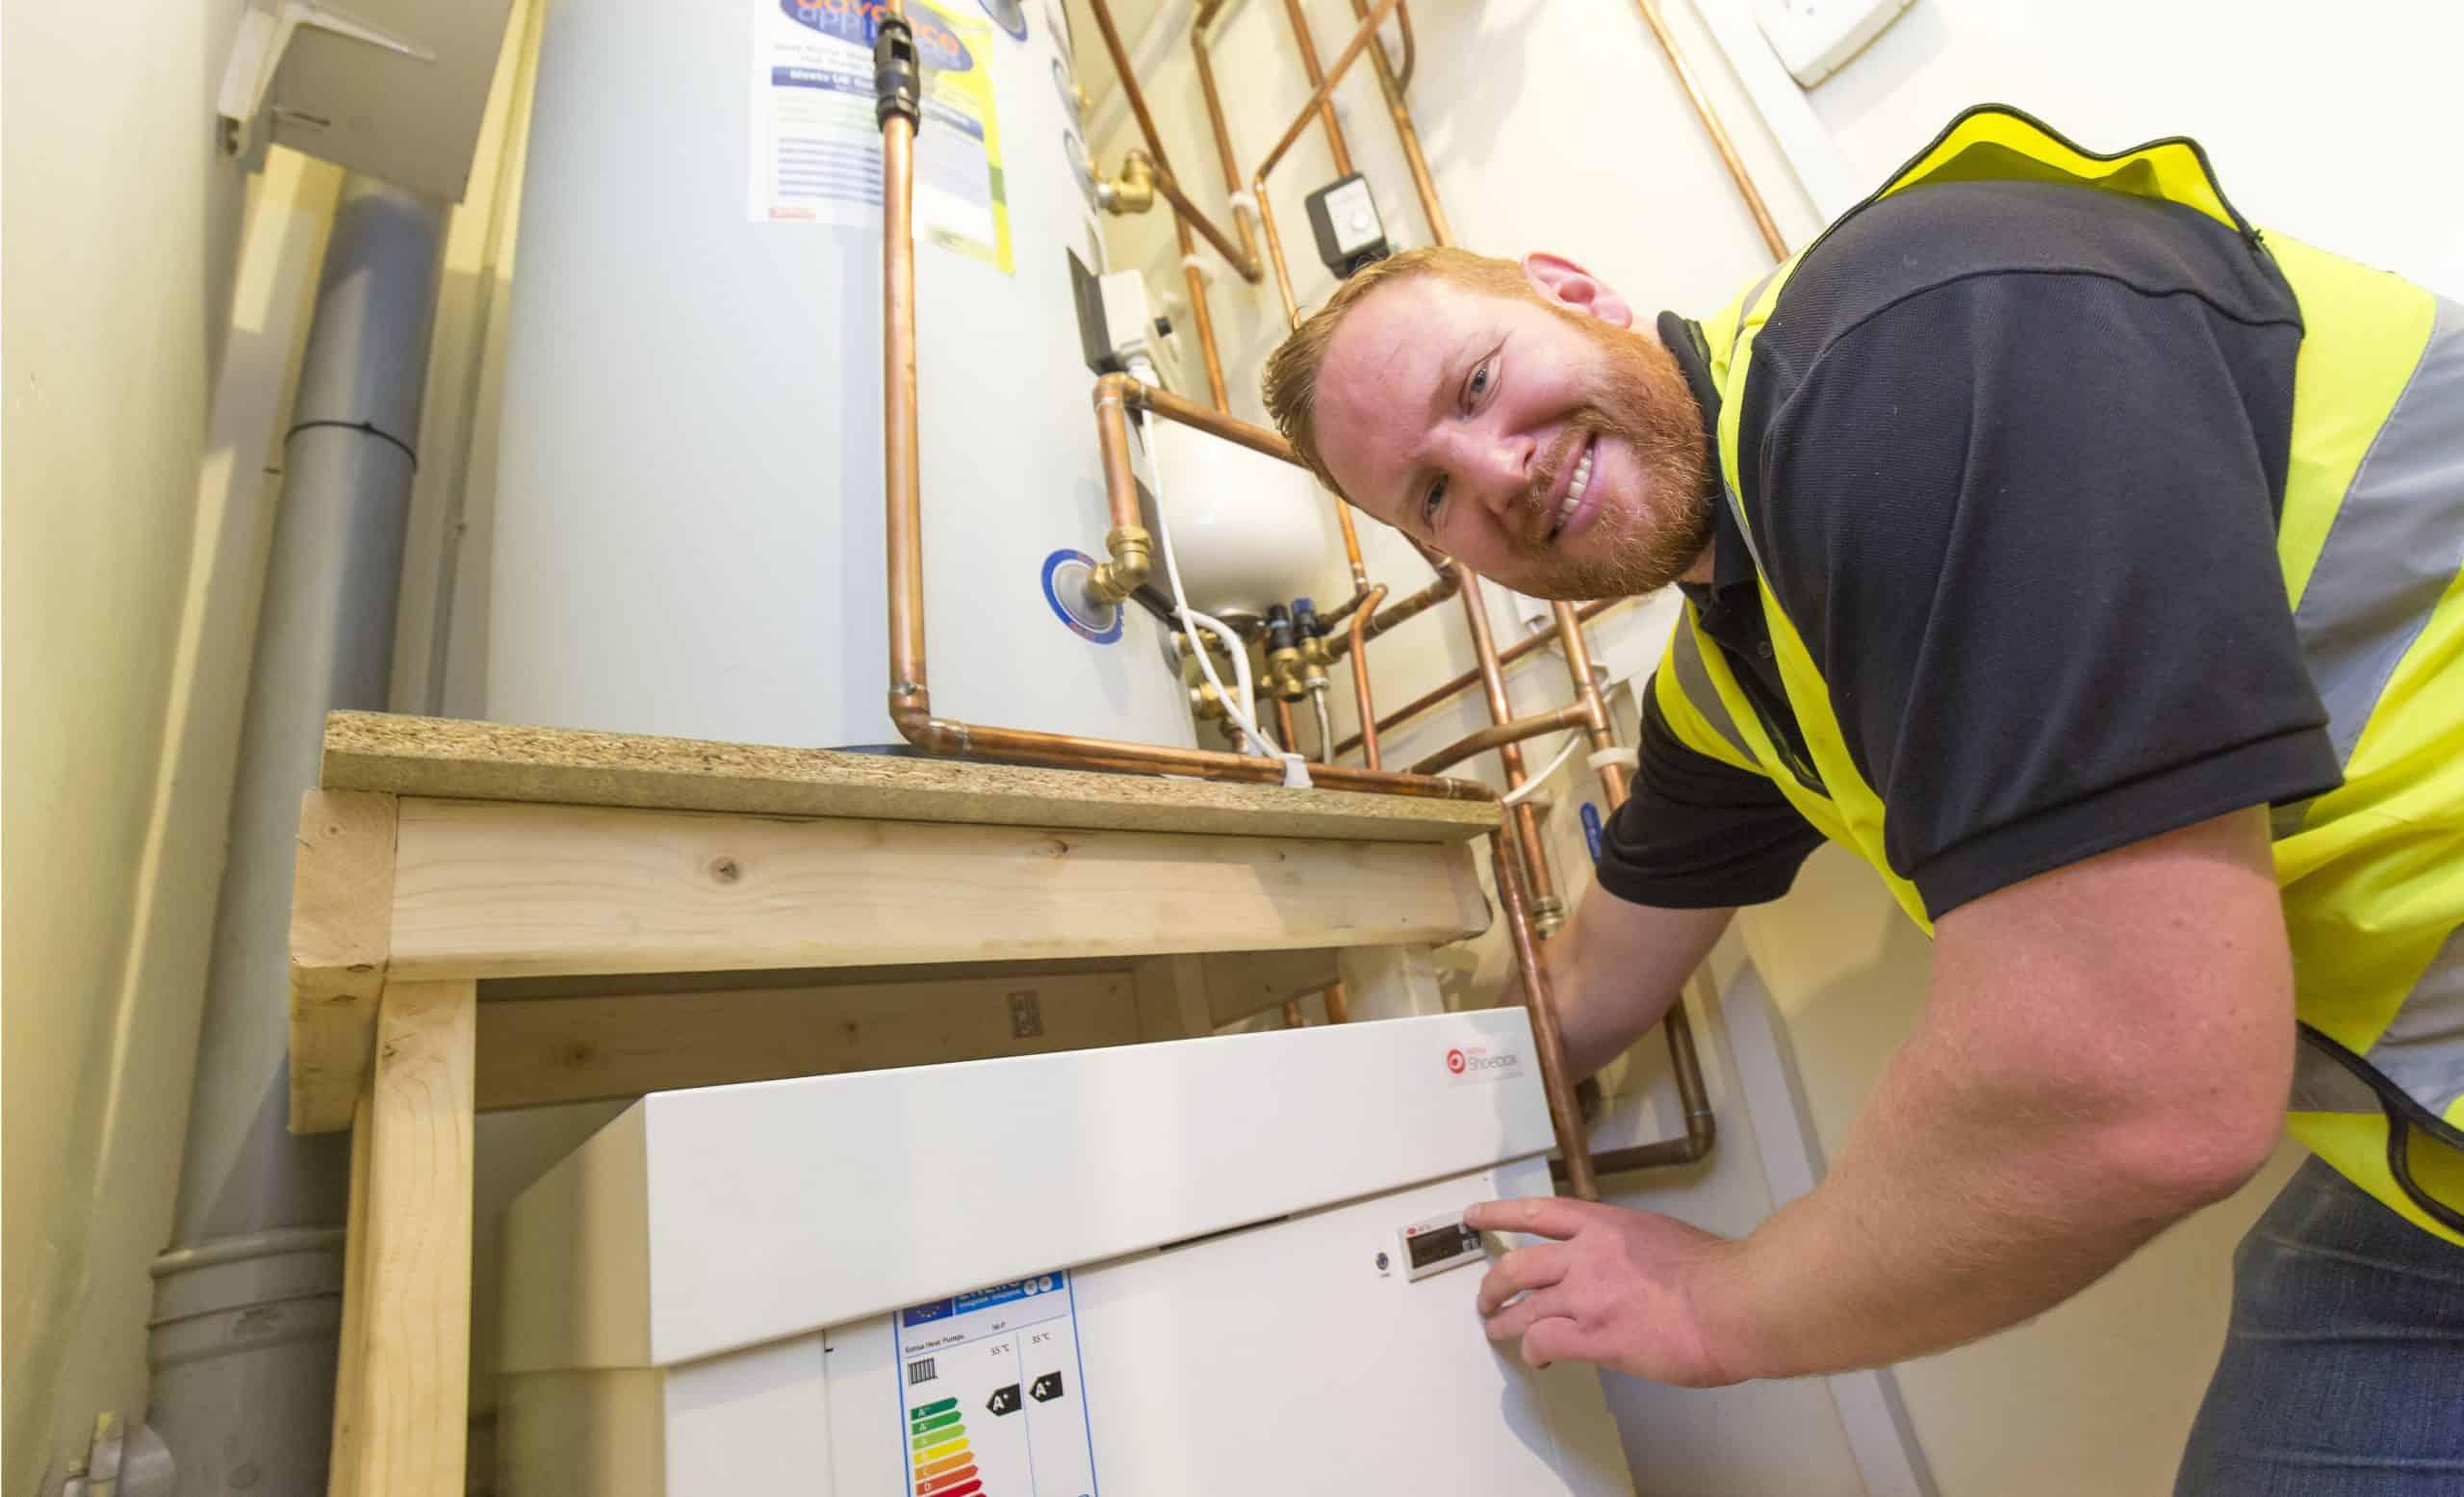 A man next to a boiler